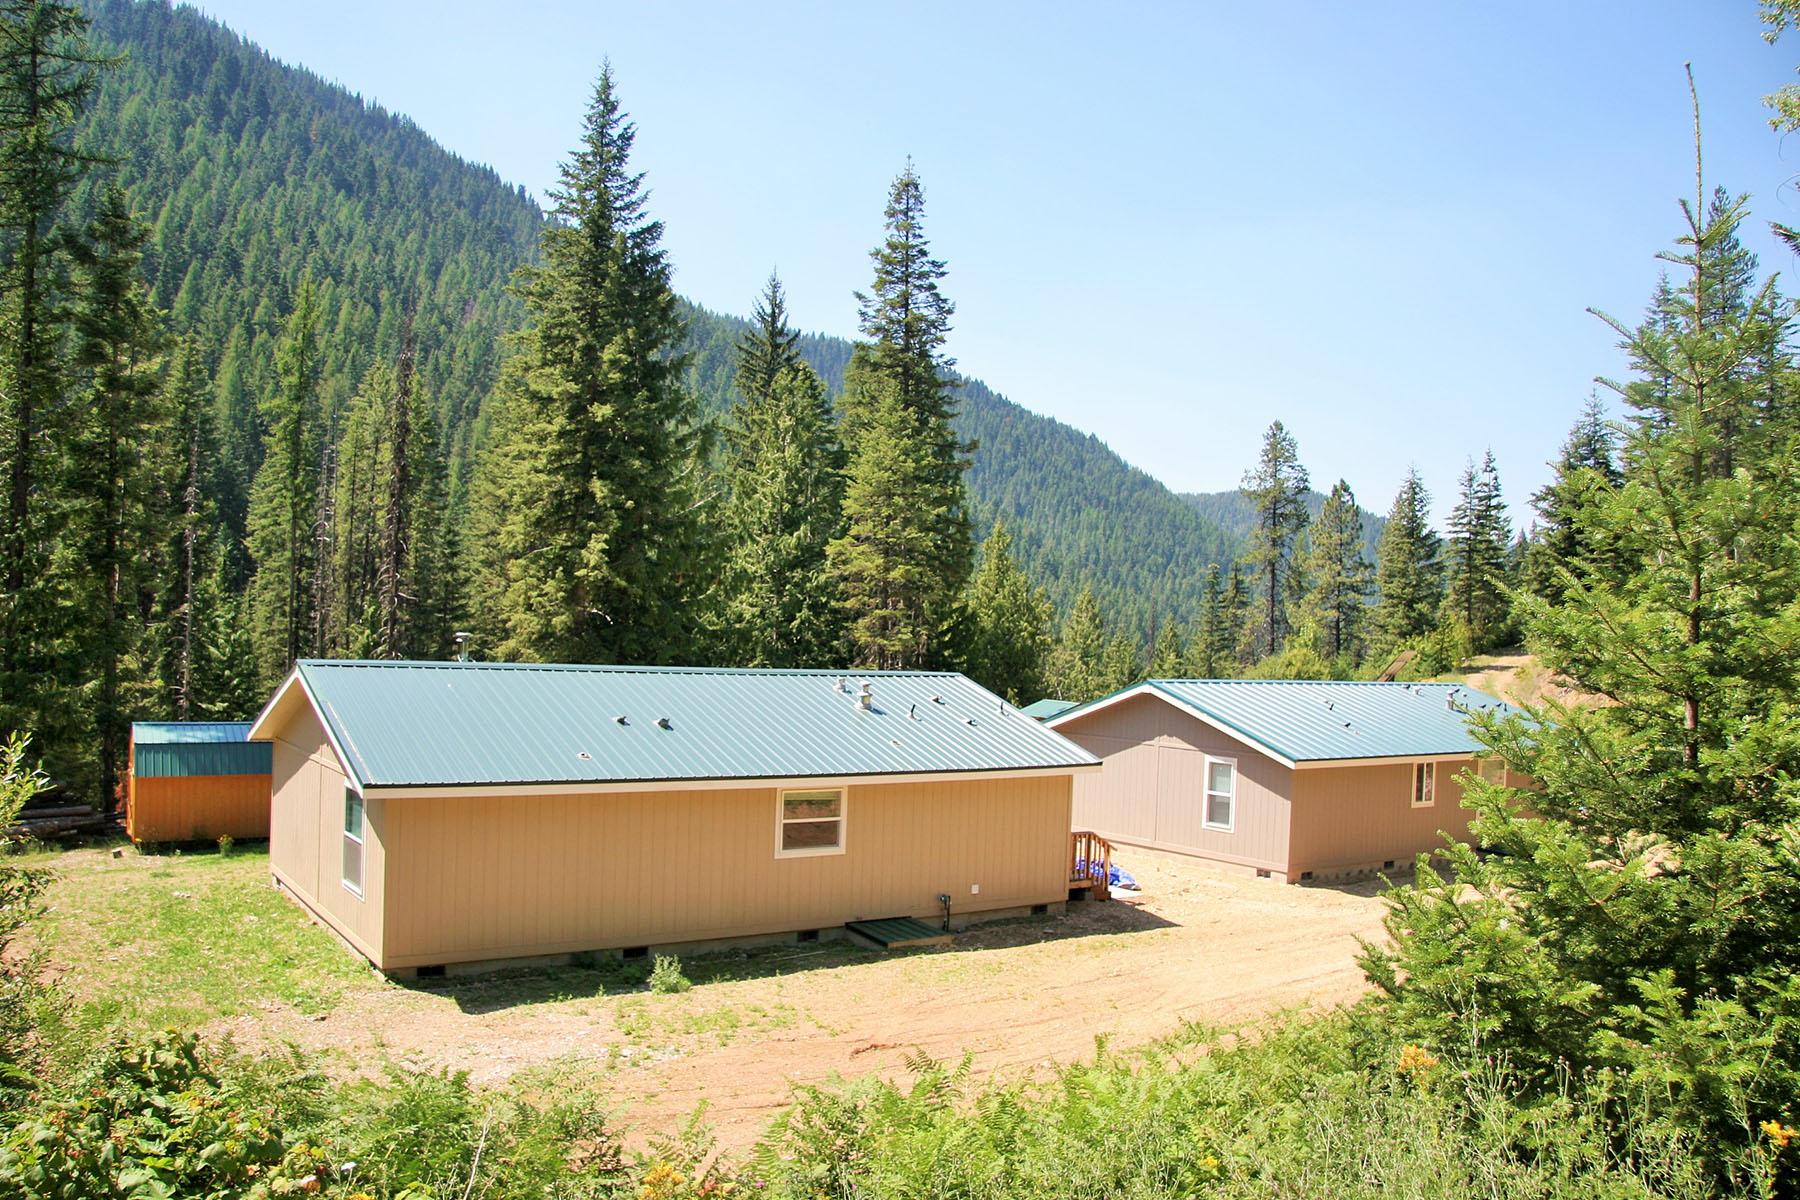 Casa Unifamiliar por un Venta en Truly one of a kind 50 acre homestead! 7000 Moon Pass Rd Wallace, Idaho, 83873 Estados Unidos